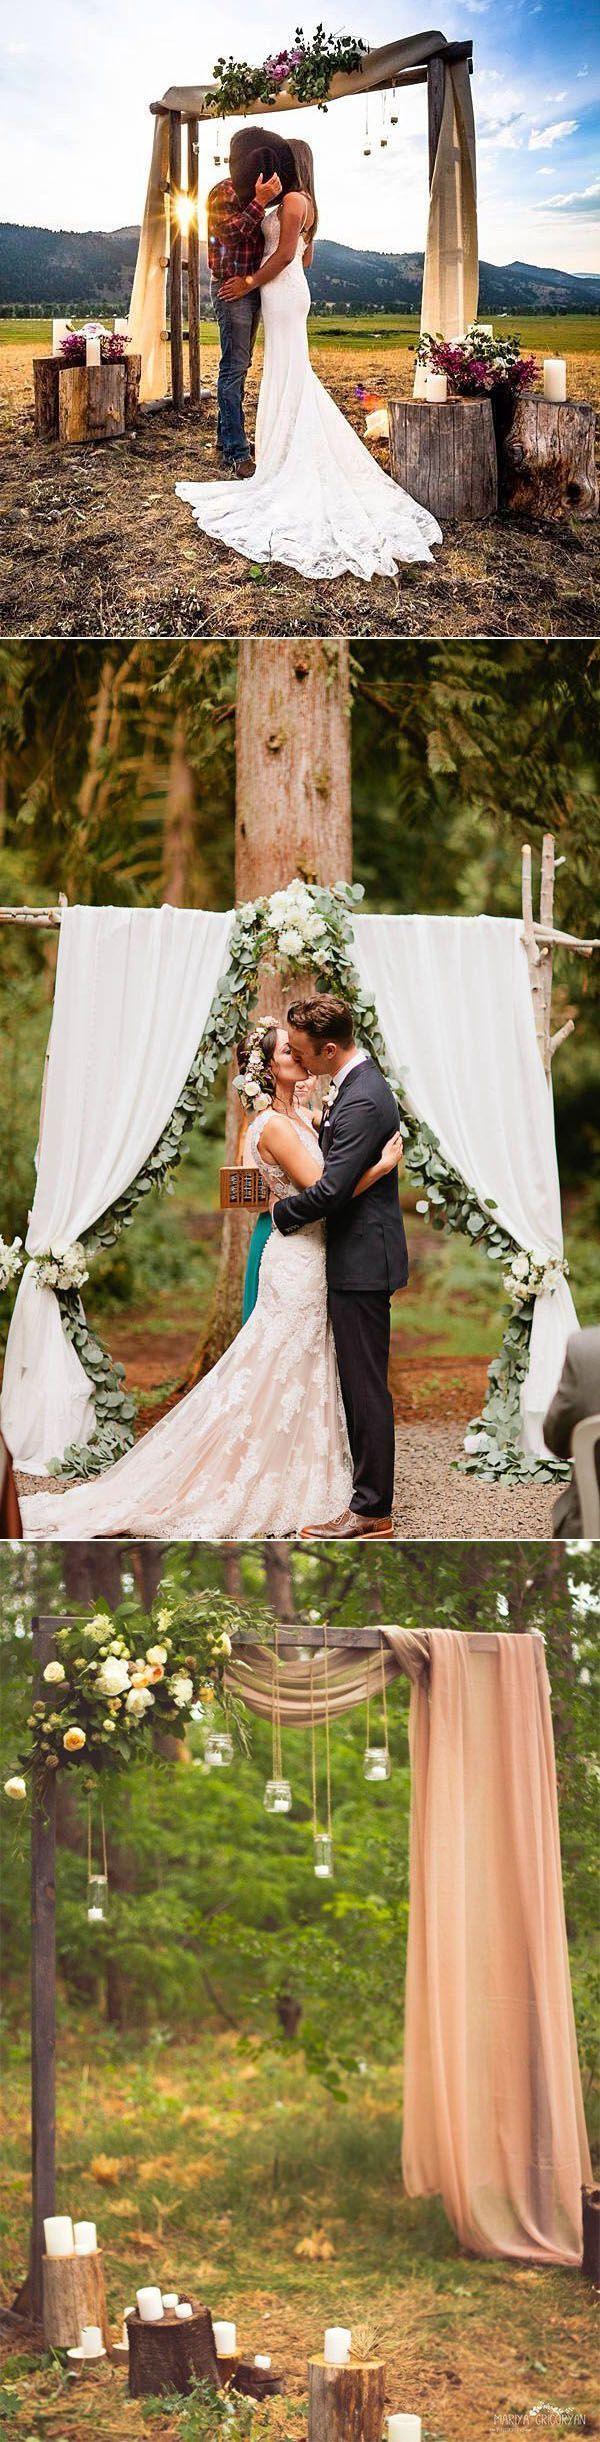 Romantic easy diy rustic wedding arches ideas october wedding in